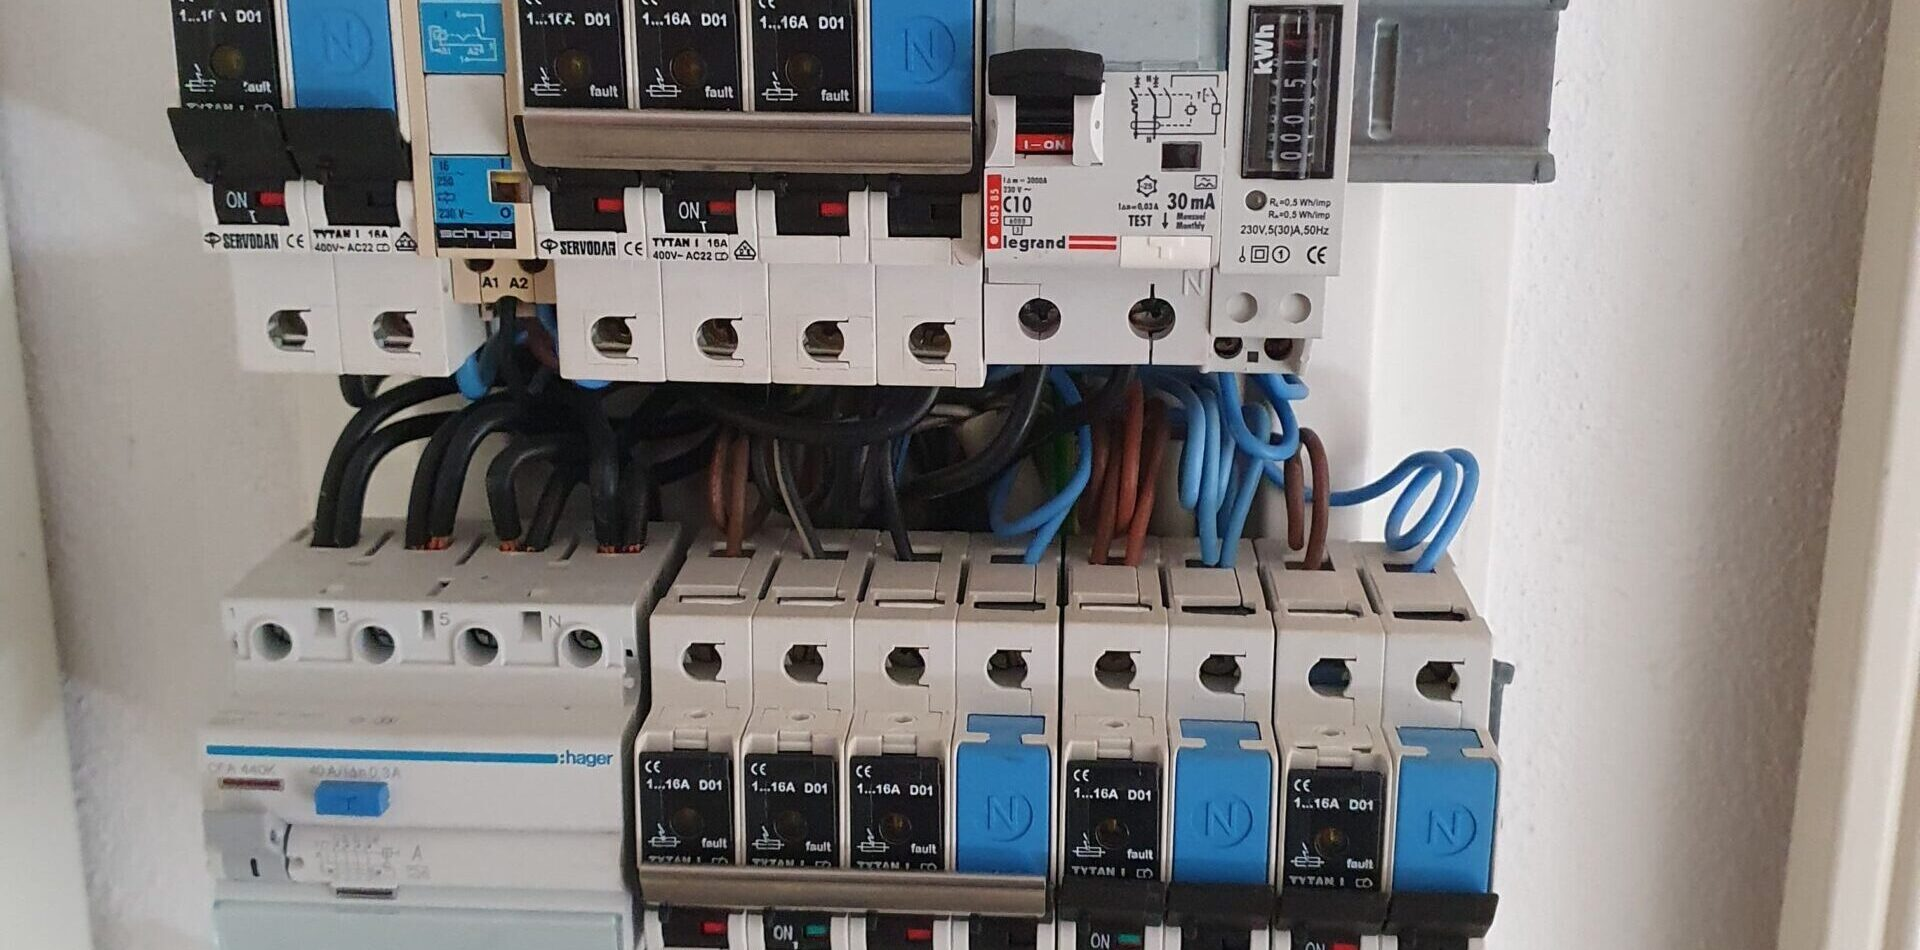 Flytning af eltavle - Love og regler samt flytning af el-tavle priser